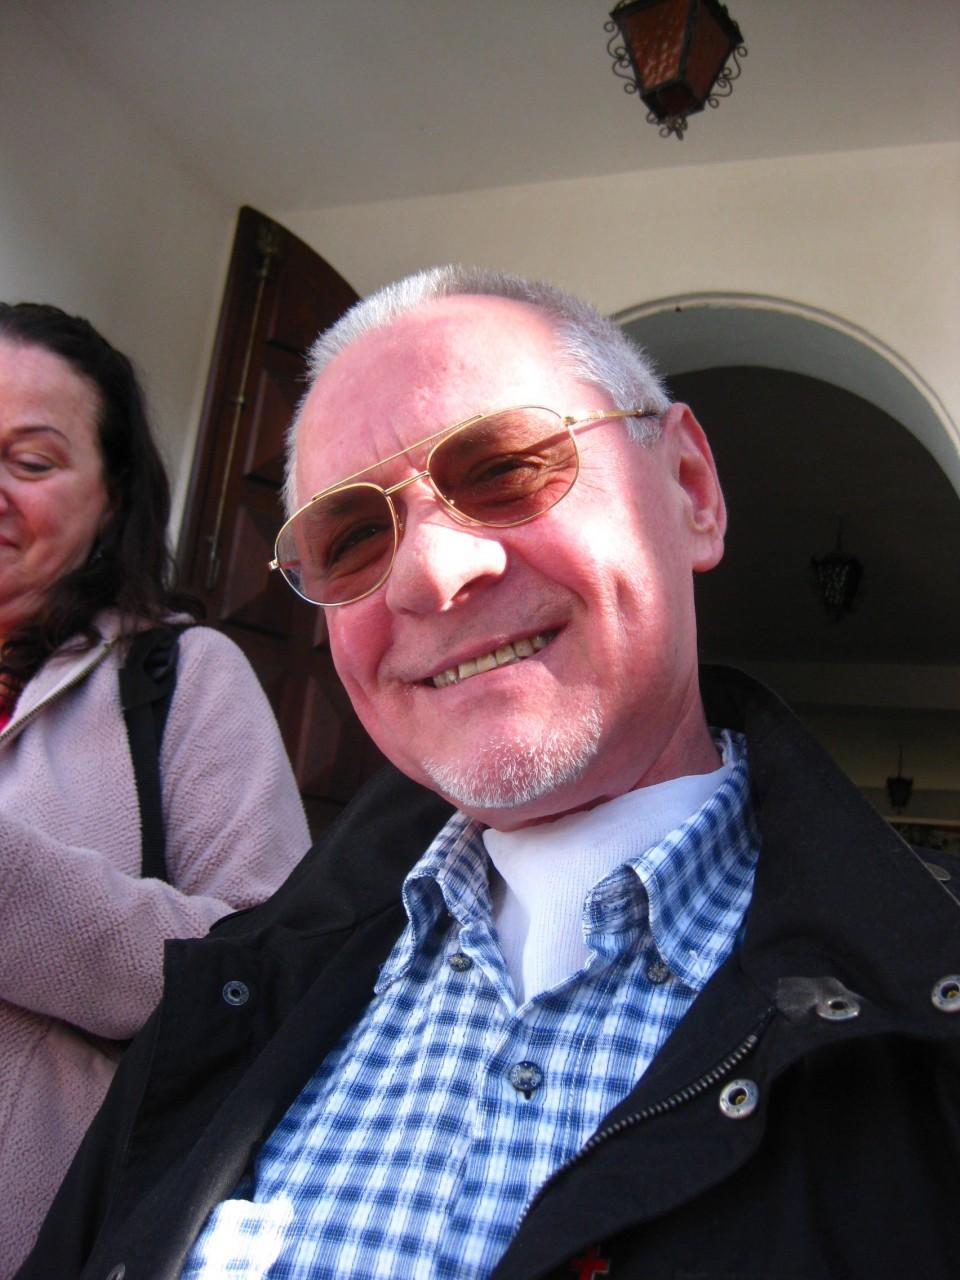 Stefan Szymoniak